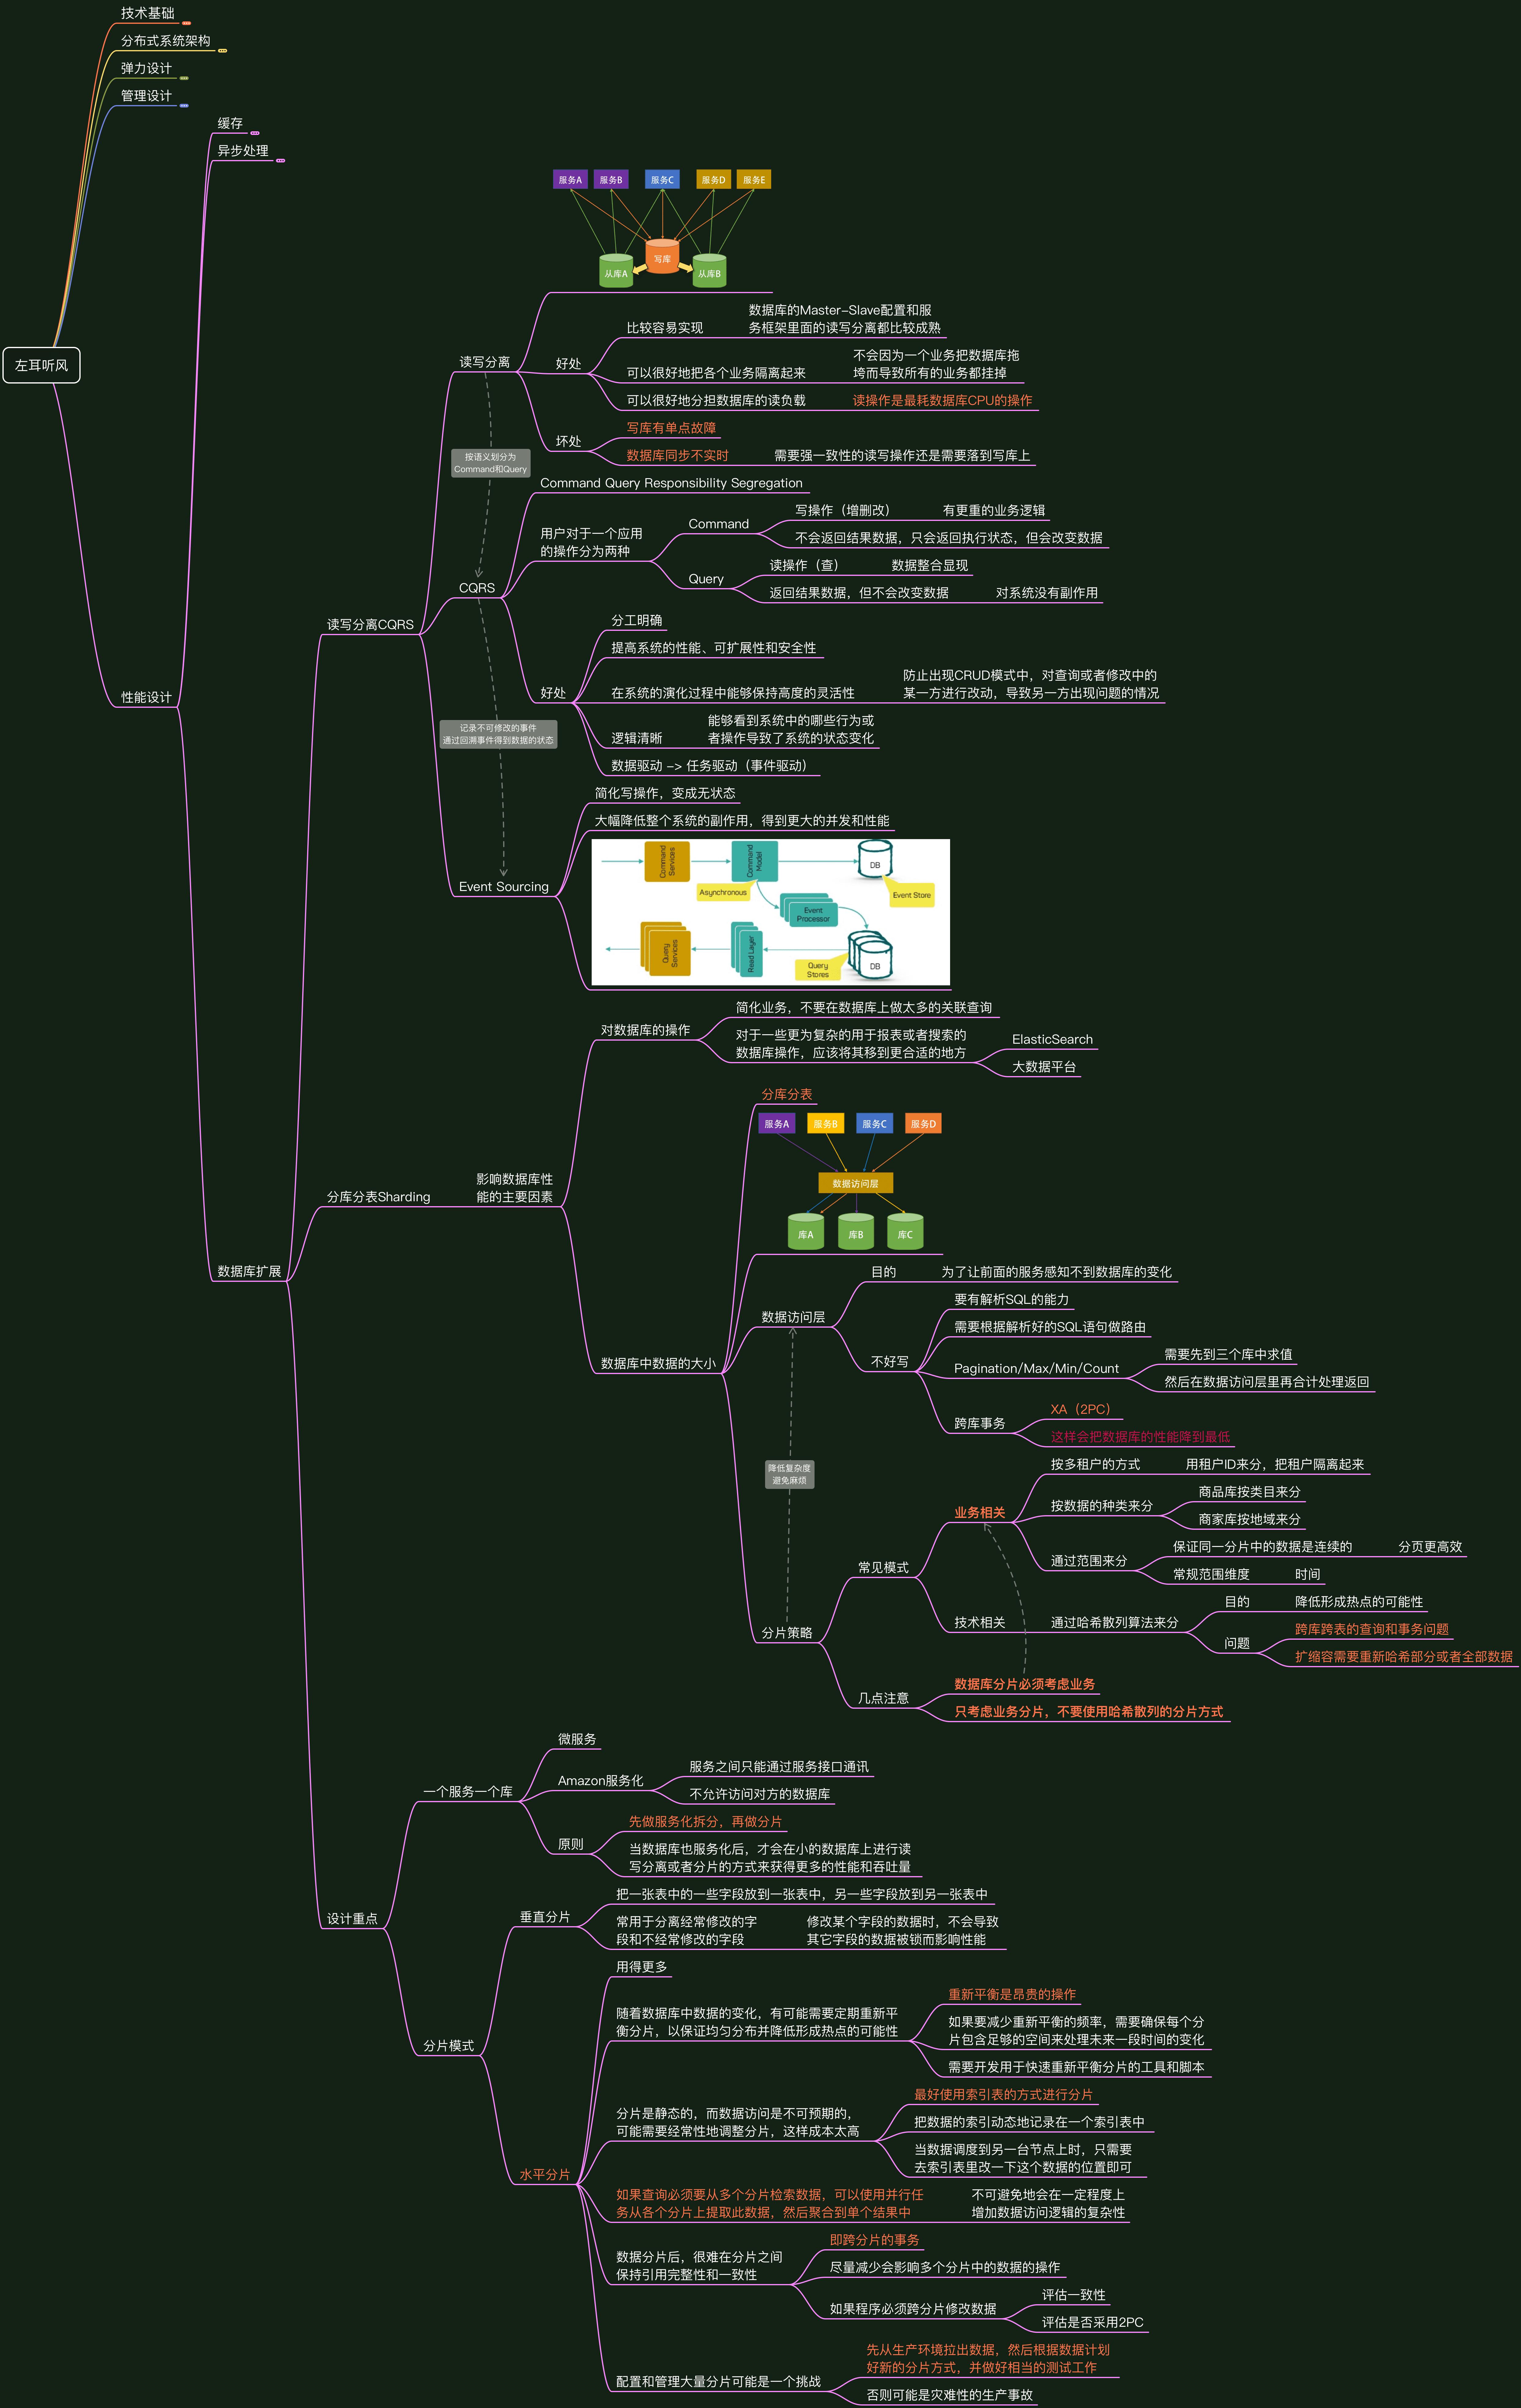 left-ear-performance-design-database-extension-compressed